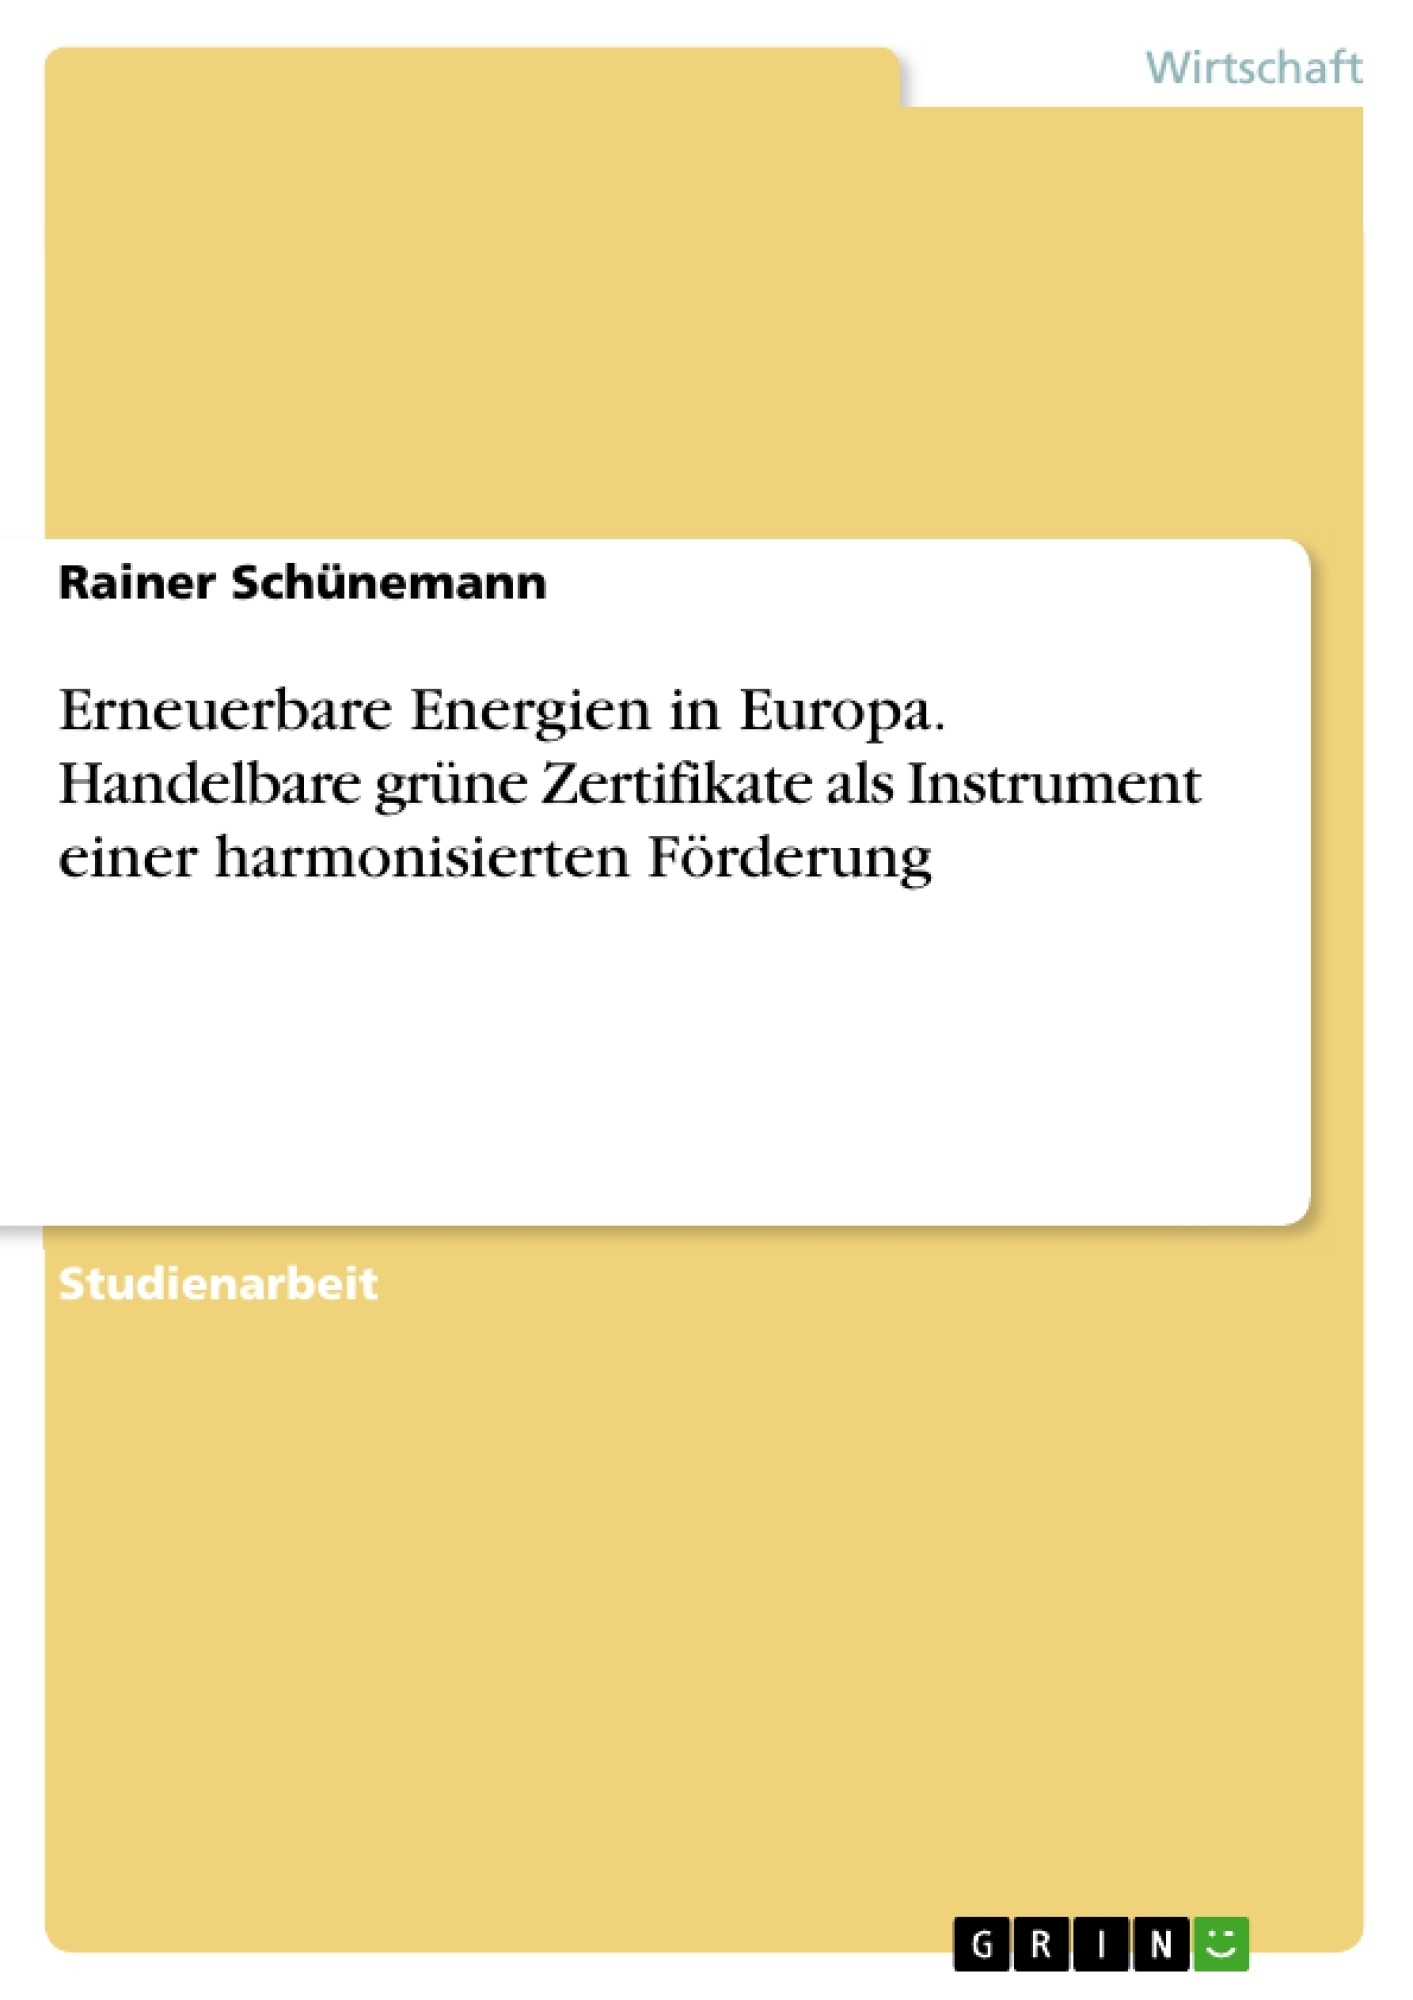 Titel: Erneuerbare Energien in Europa. Handelbare grüne Zertifikate als Instrument einer harmonisierten Förderung